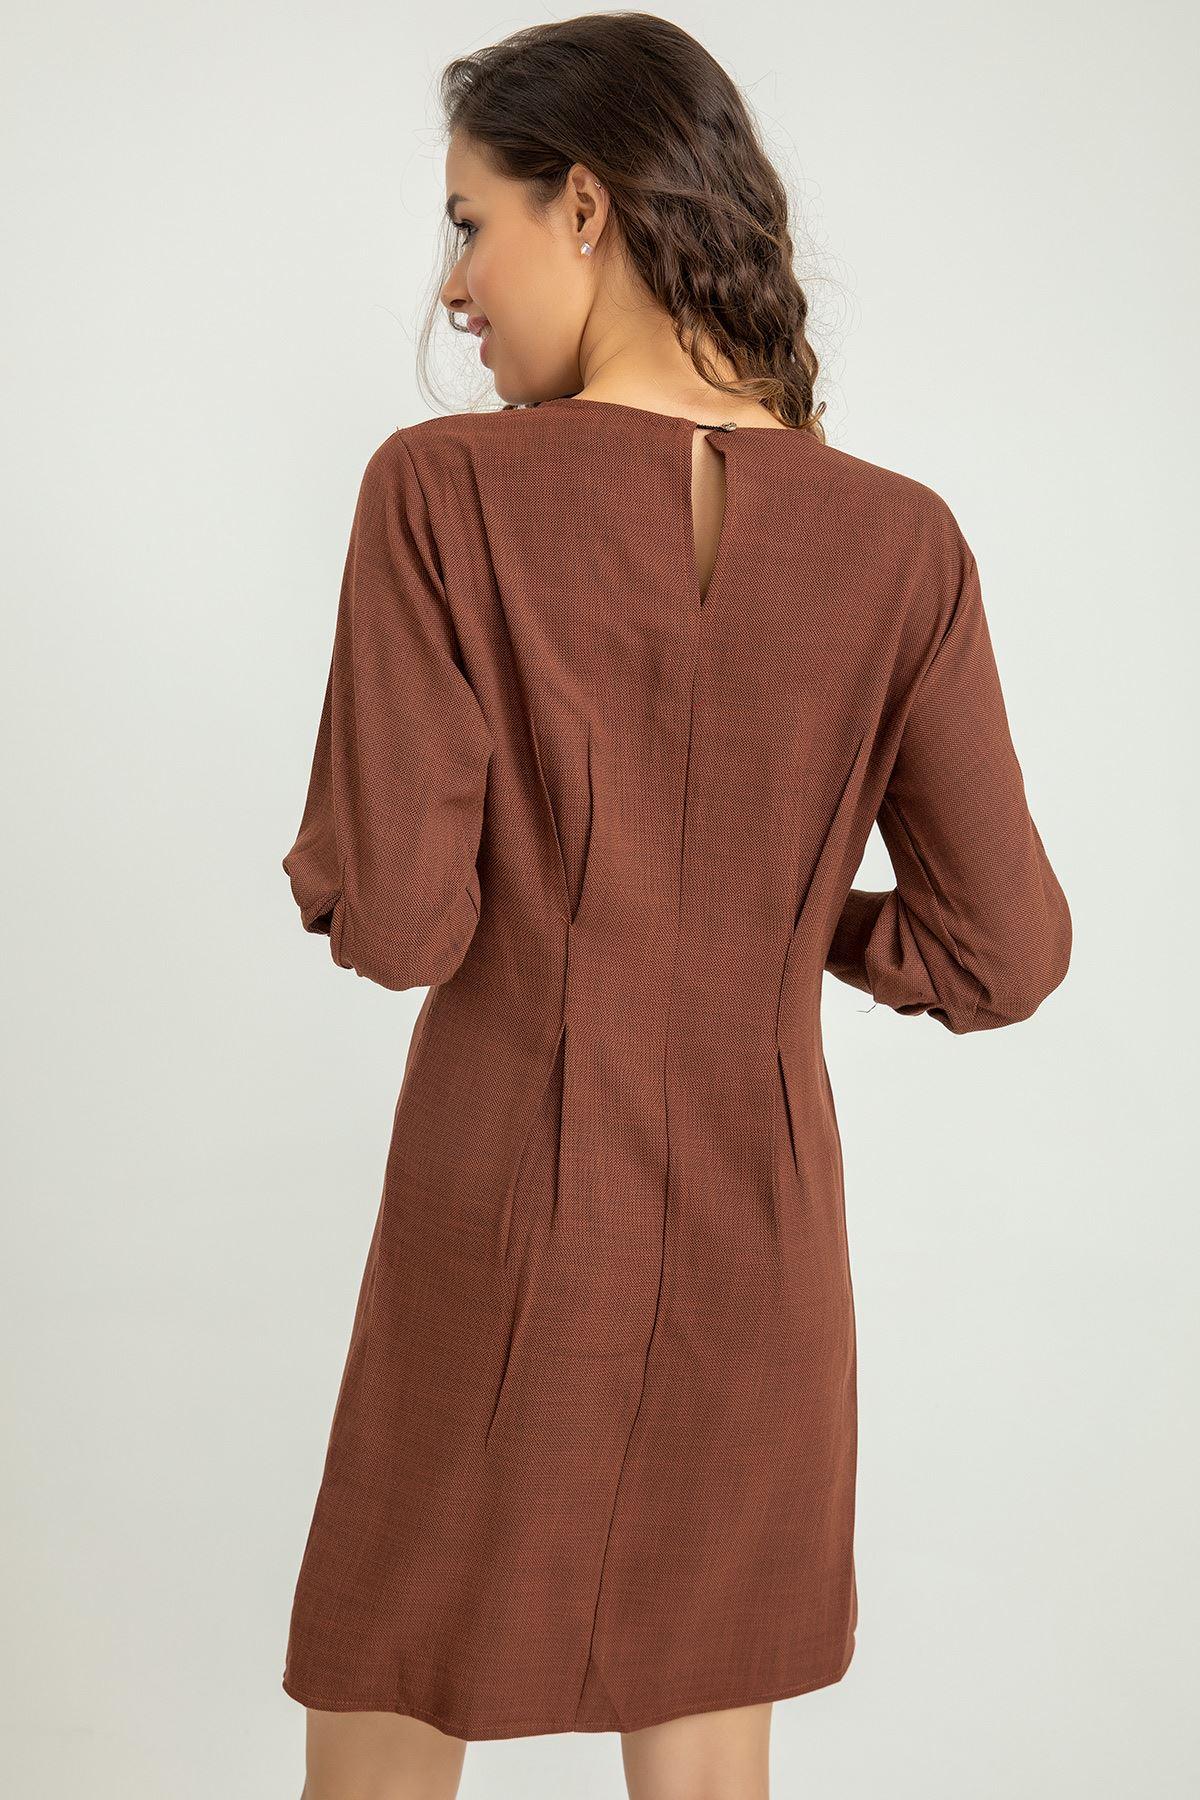 Önü Düğme Detay Tunik Elbise-Kiremit